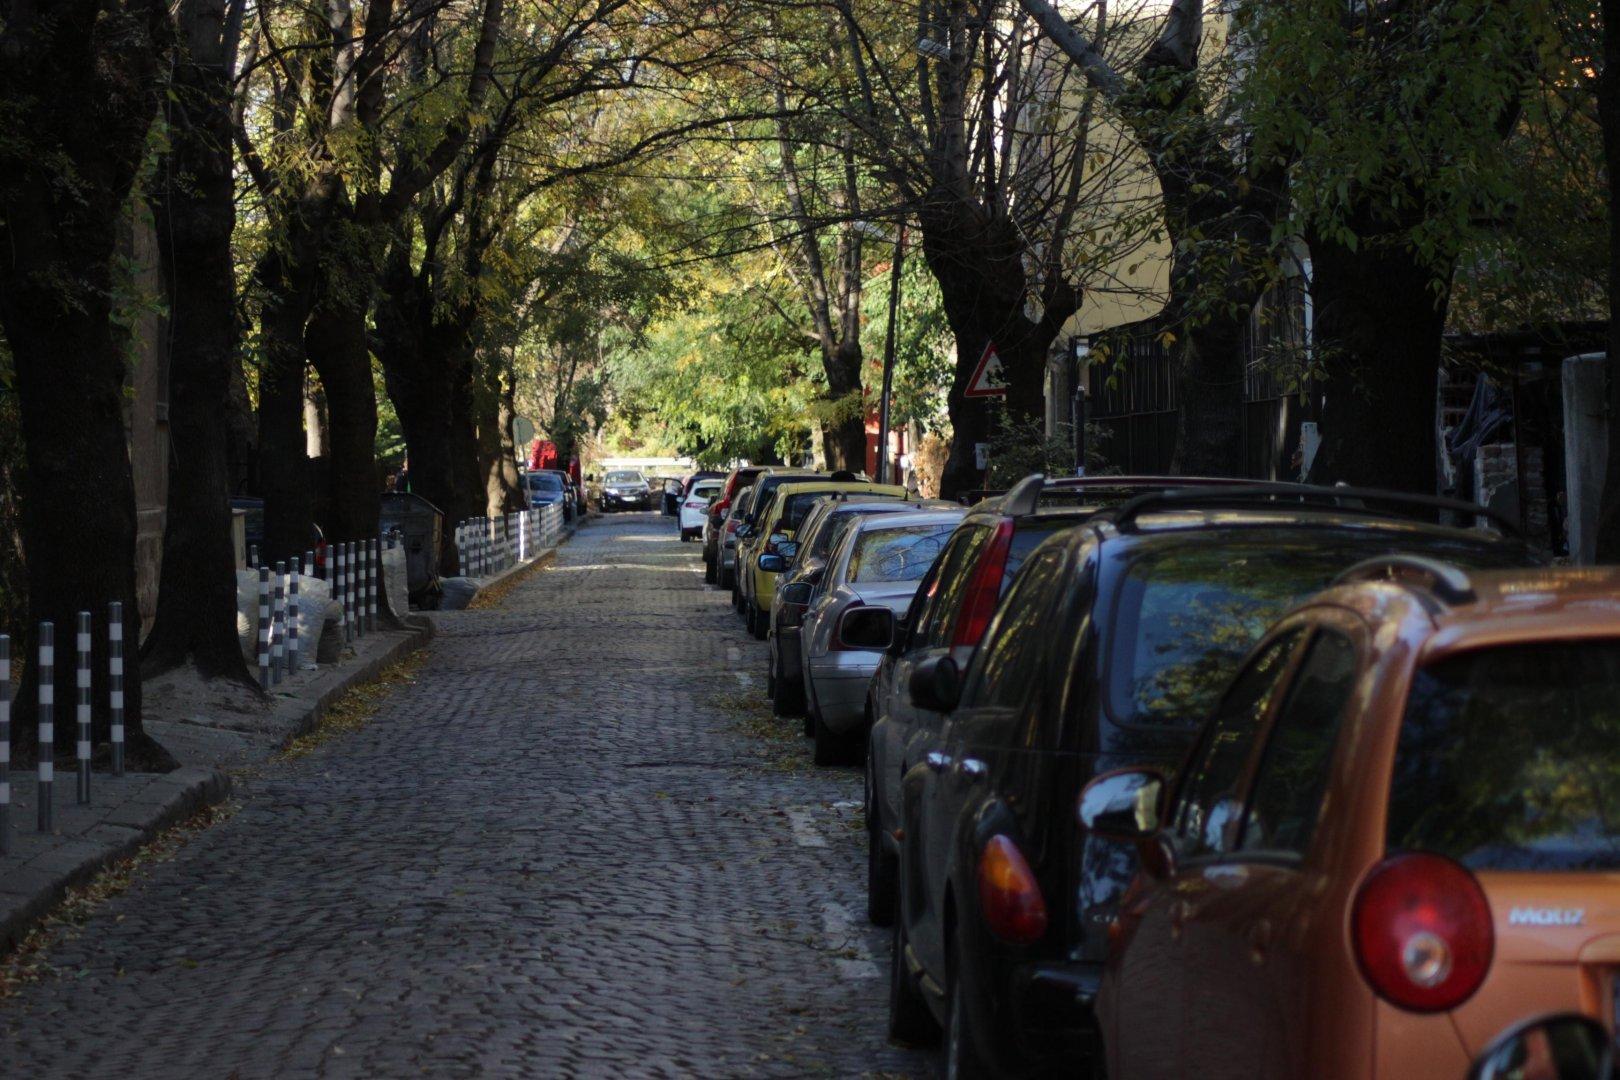 Старите автомобили, излезли от употреба, не трябва да заемат места за паркиране. Снимката е илюстративна